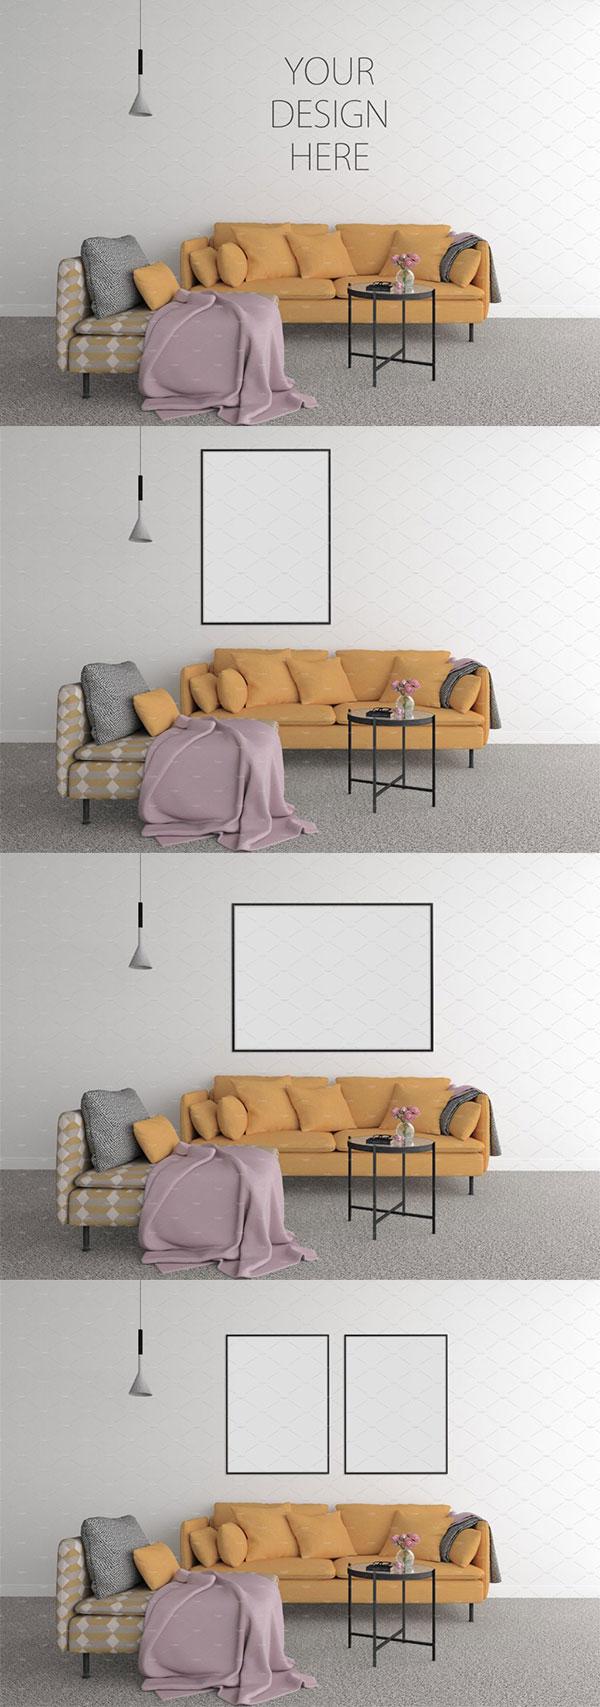 空白墙壁Mockups